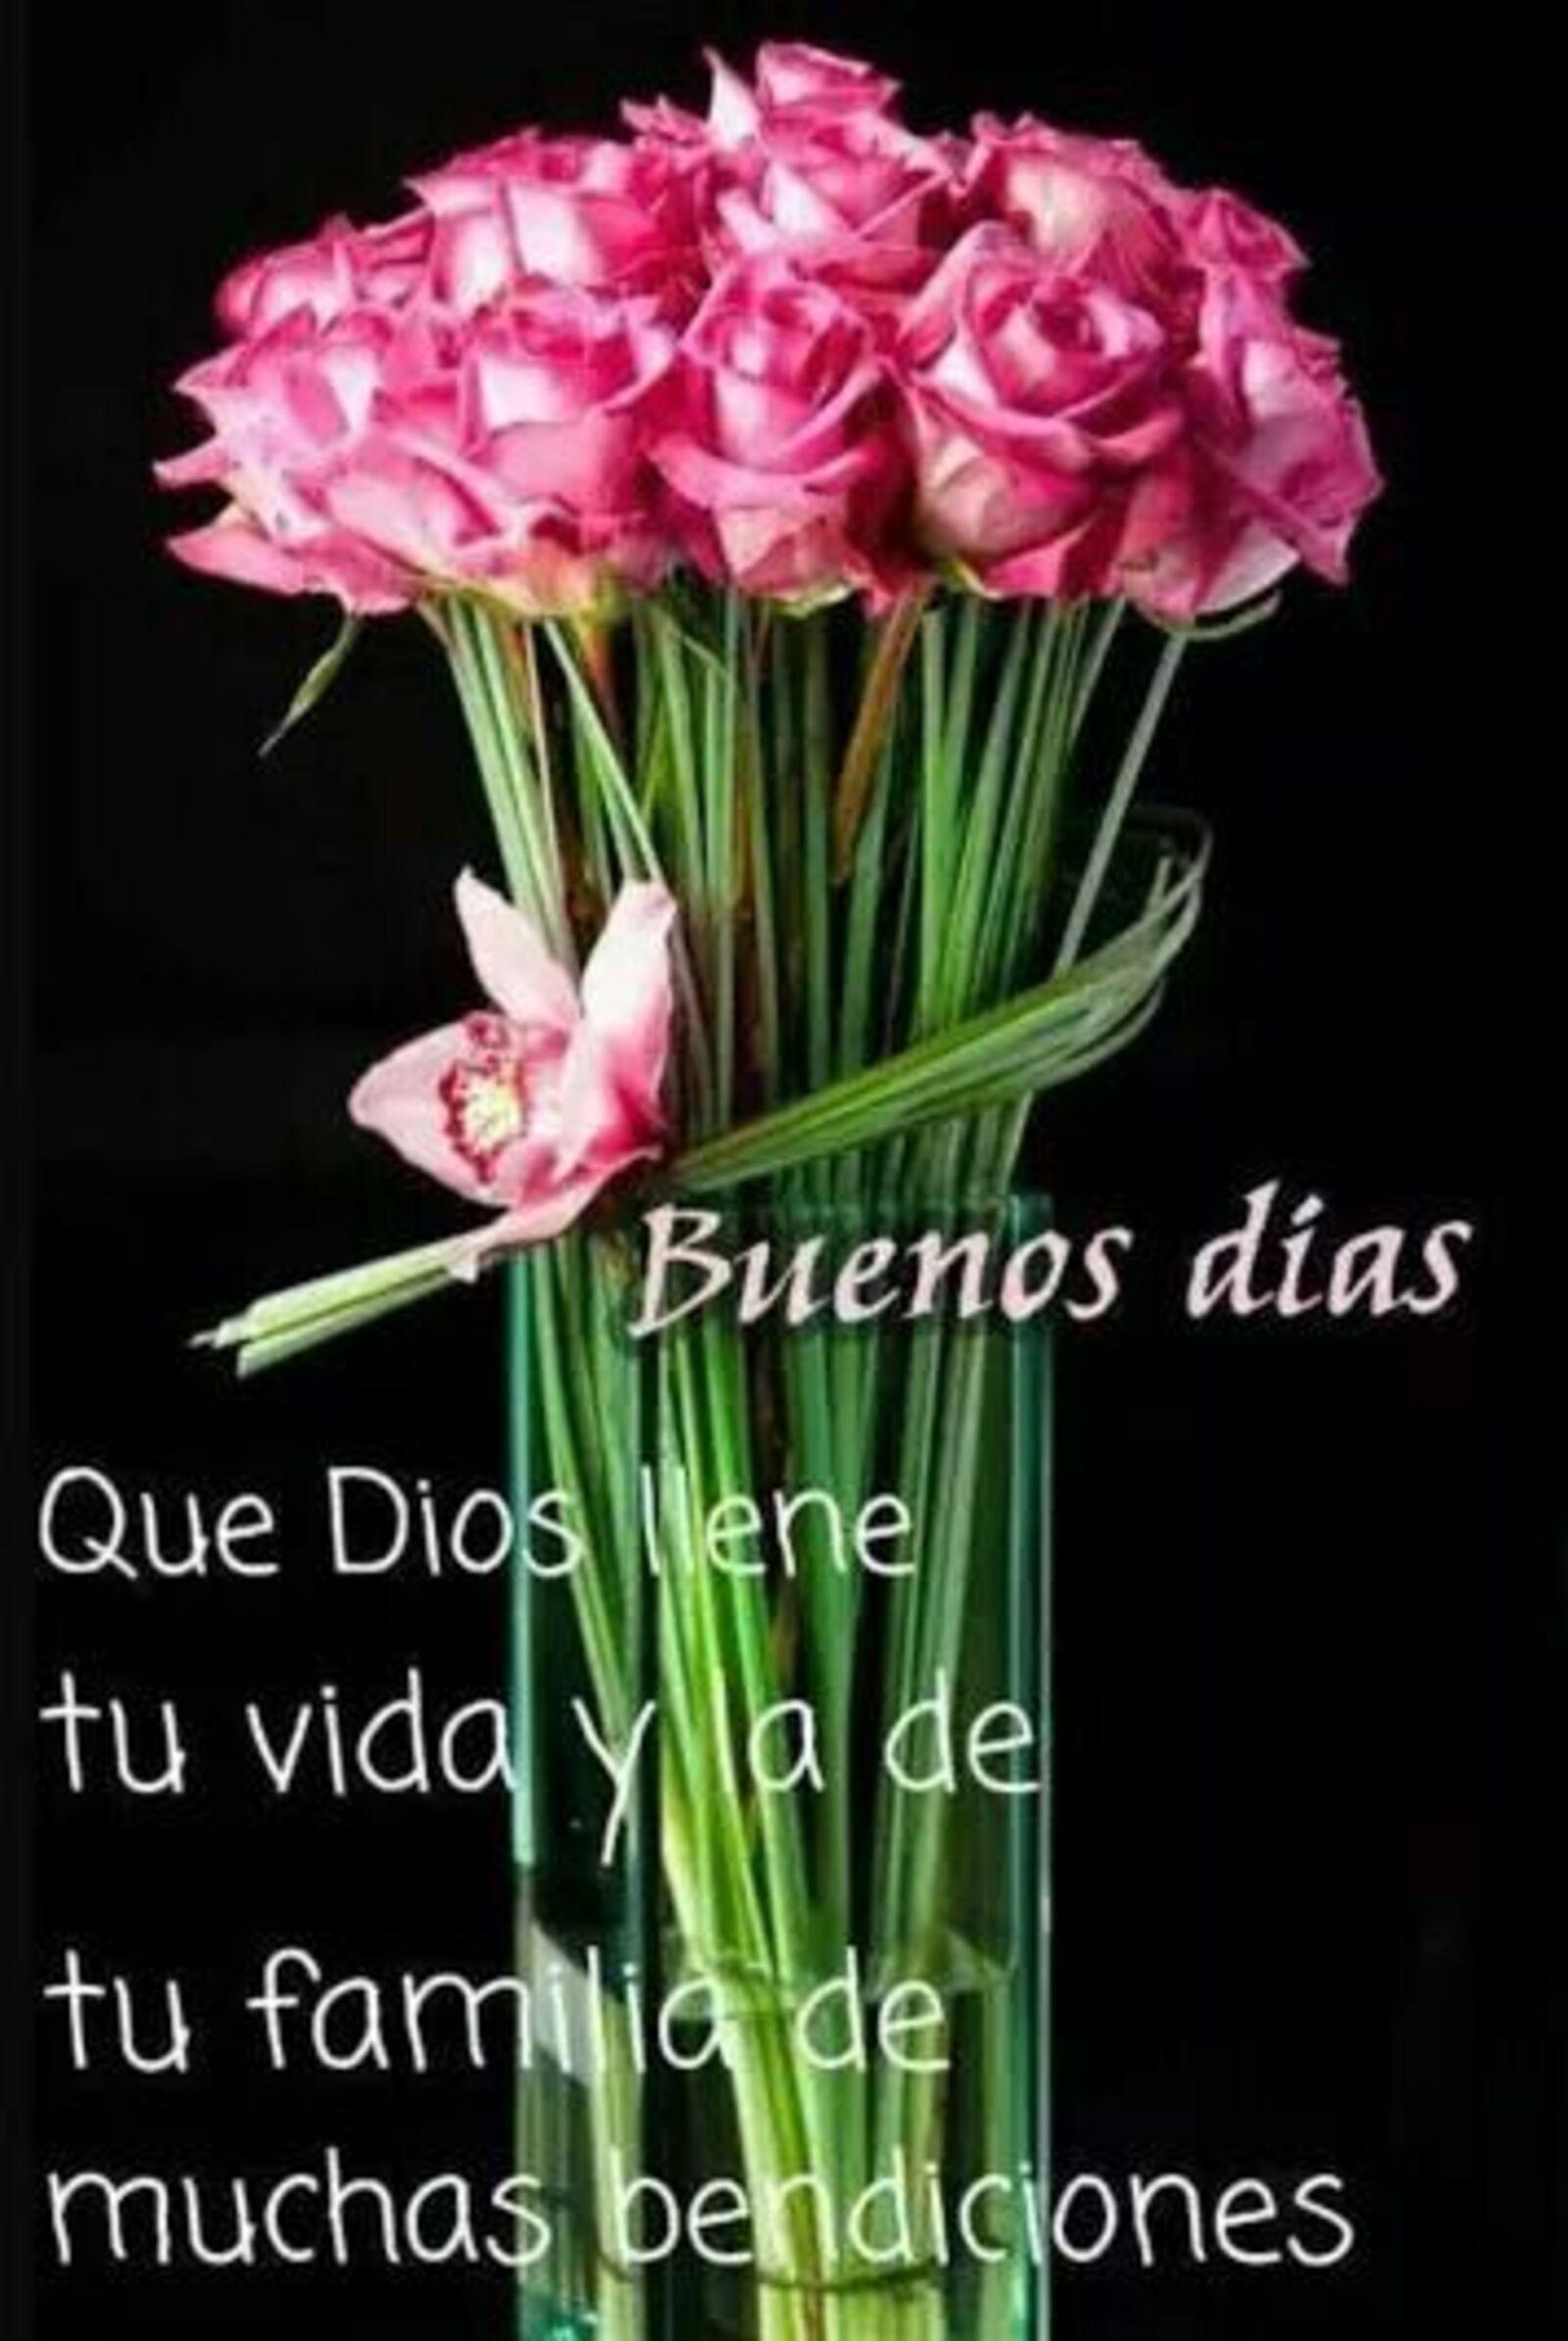 Buenos días que Dios llene tu vida y a de tu familia de muchas bendiciones